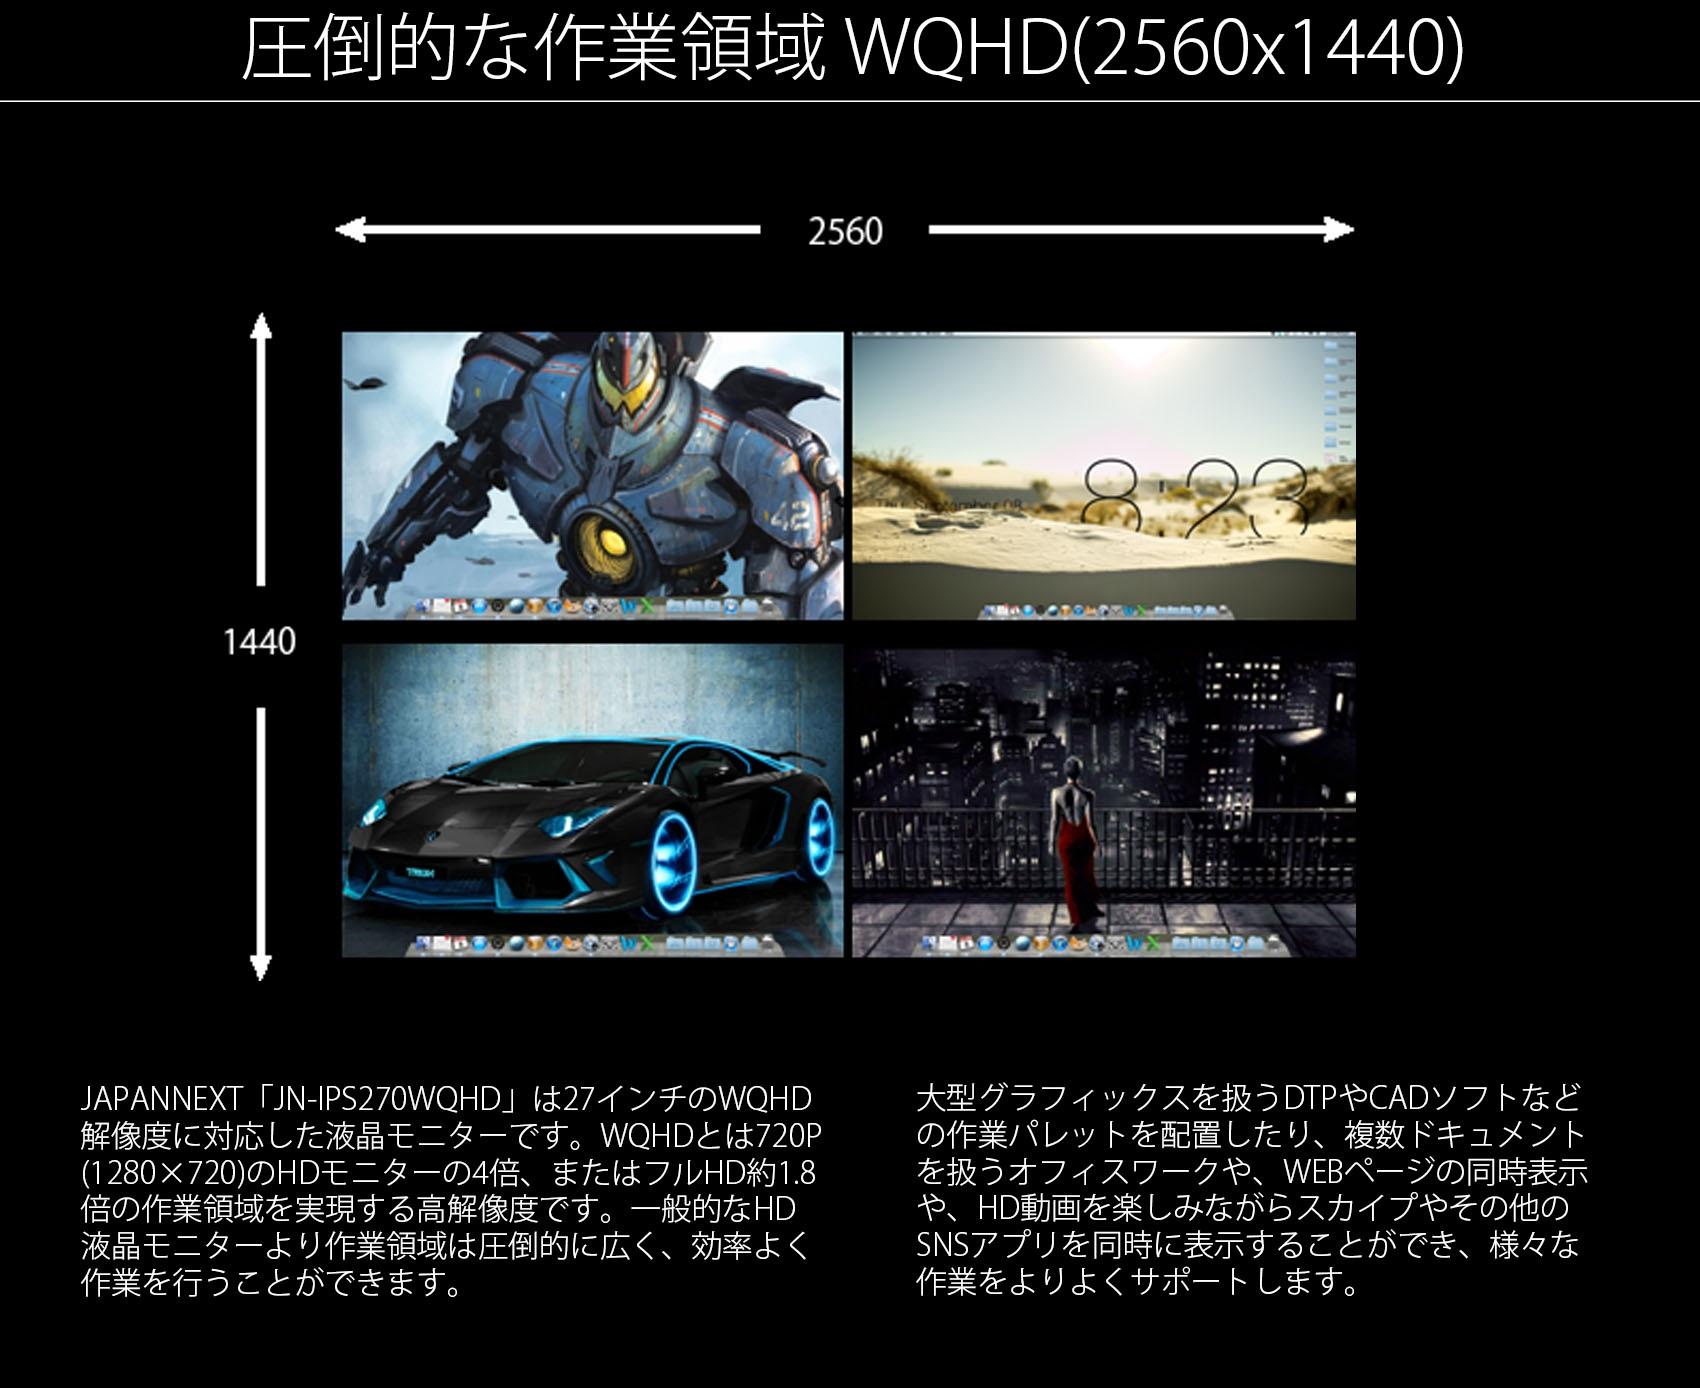 JAPANNEXTの本製品は32インチのWQHD 解像度に対応した液晶モニターです。WQHDとは720P (1280×720)のHDモニターの4倍、またはフルHD約1.8 倍の作業領域を実現する高解像度です。一般的なHD 液晶モニターより作業領域は圧倒的に広く、効率よく、 作業を行うことができます。 大型グラフィックスを扱うDTPやCADソフトなど の作業パレットを配置したり、複数ドキュメント を扱うオフィスワークや、WEBページの同時表示 や、HD動画を楽しみながらスカイプやその他の SNSアプリを同時に表示することができ、様々な 作業をよりよくサポートします。